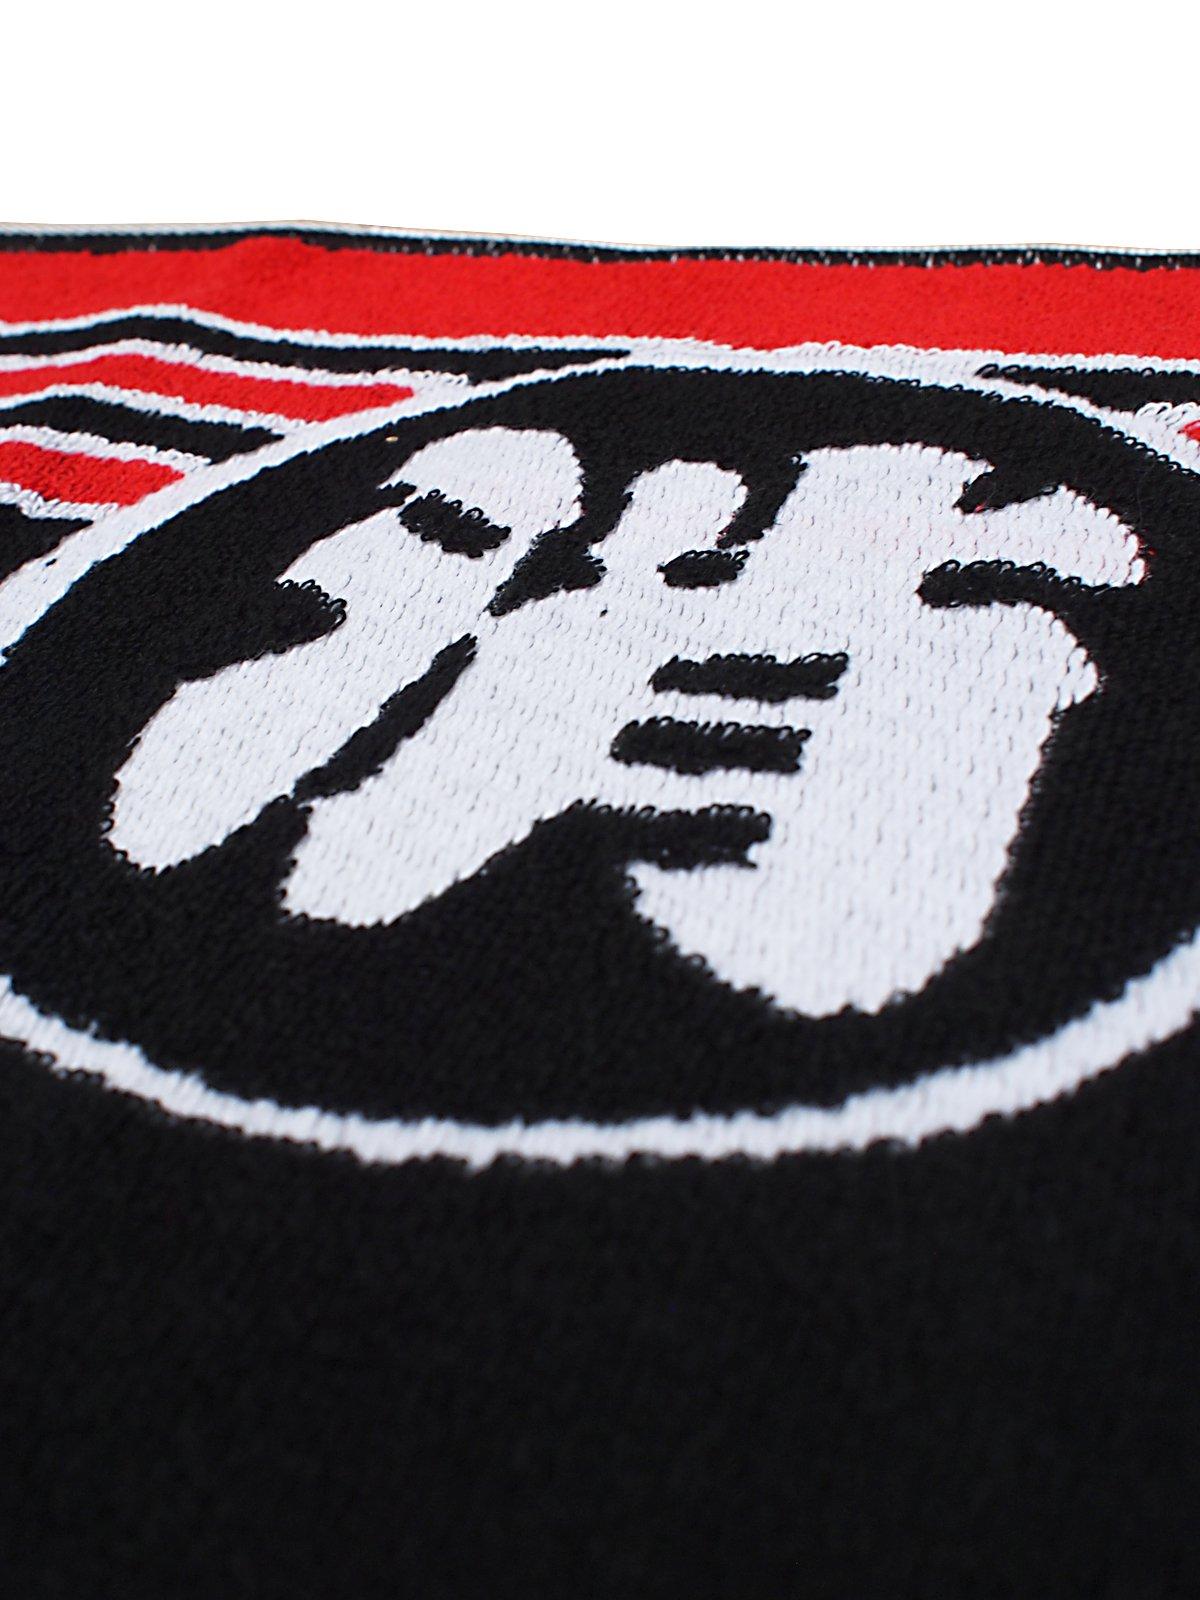 フェイスタオル(消防団法被デザイン)450匁今治タオル 熨斗対応【画像3】